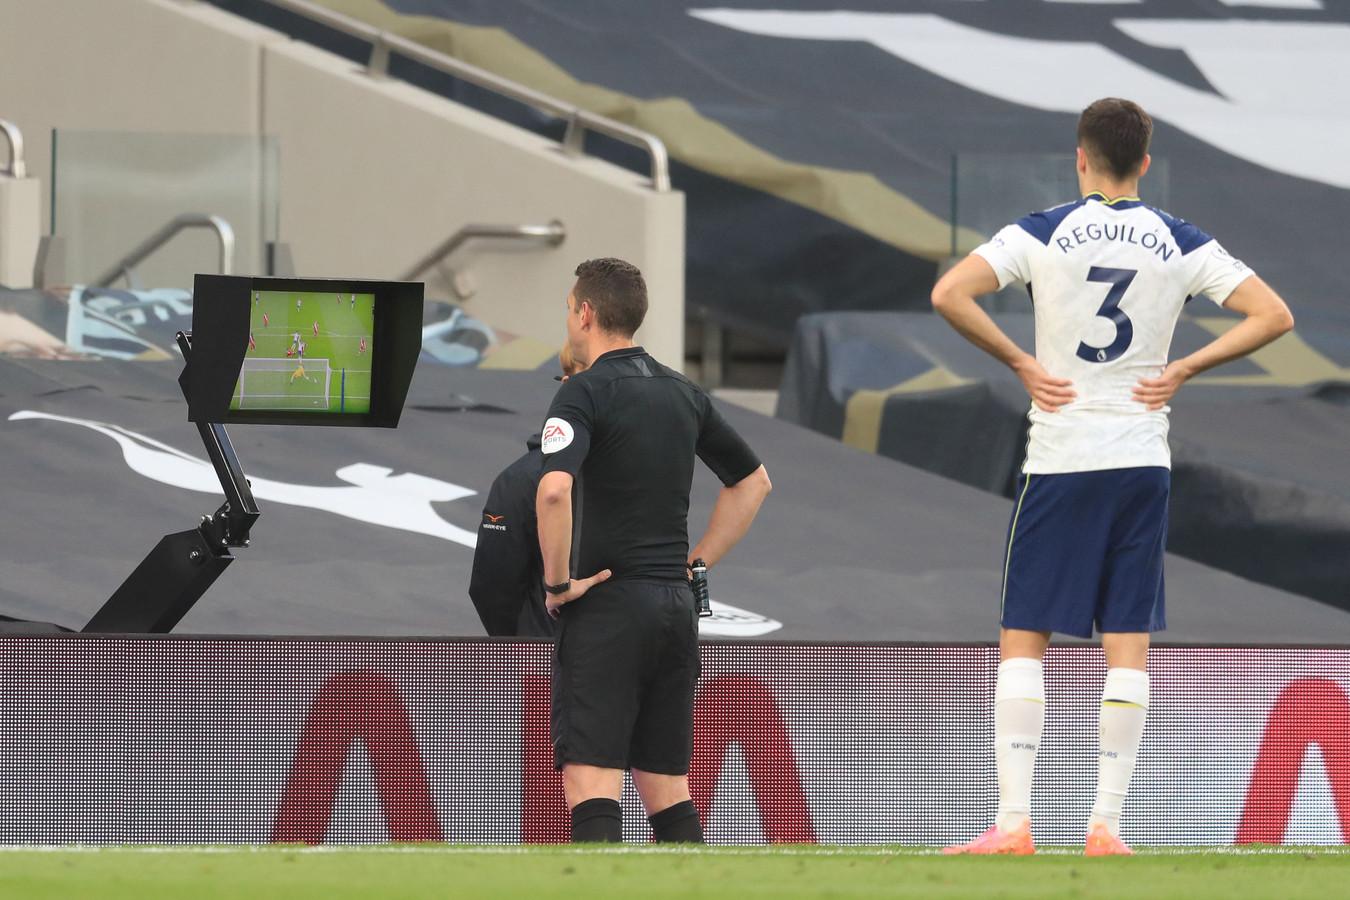 De scheidsrechter bekijkt de goal van Son terug. Hij besluit de treffer af te keren wegens buitenspel.